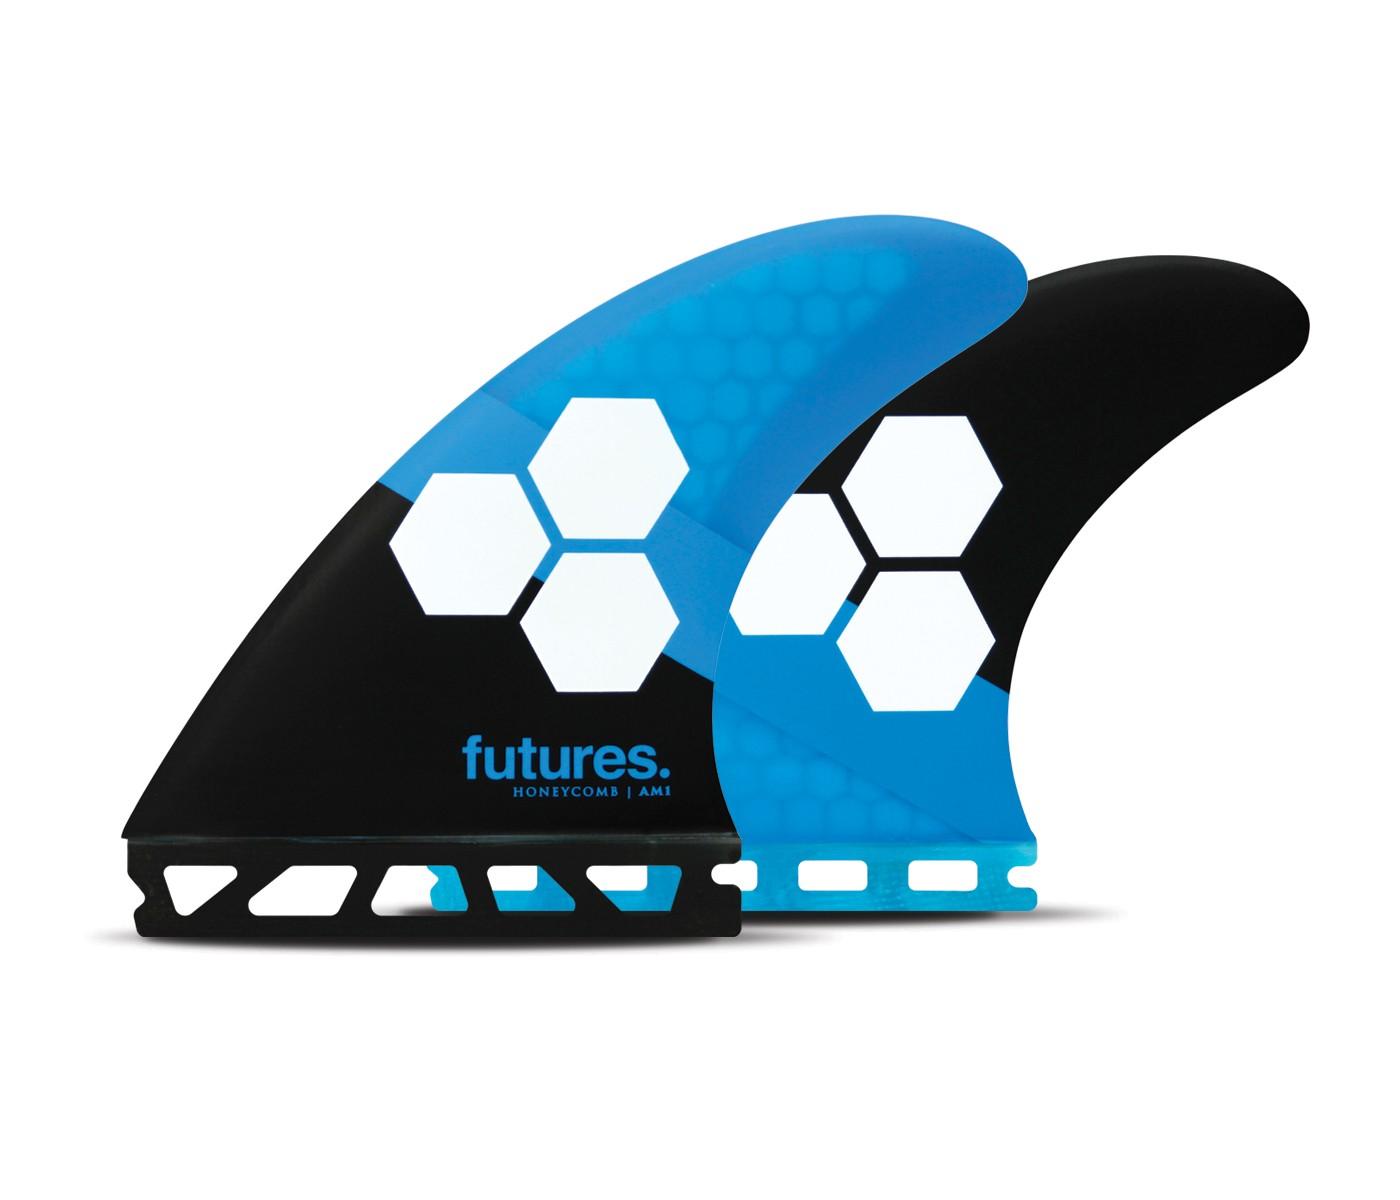 フューチャーフィン FUTURE FIN AM1 Honeycomb アルメリック モデル発売! Futures Fins AM1 Honeycomb